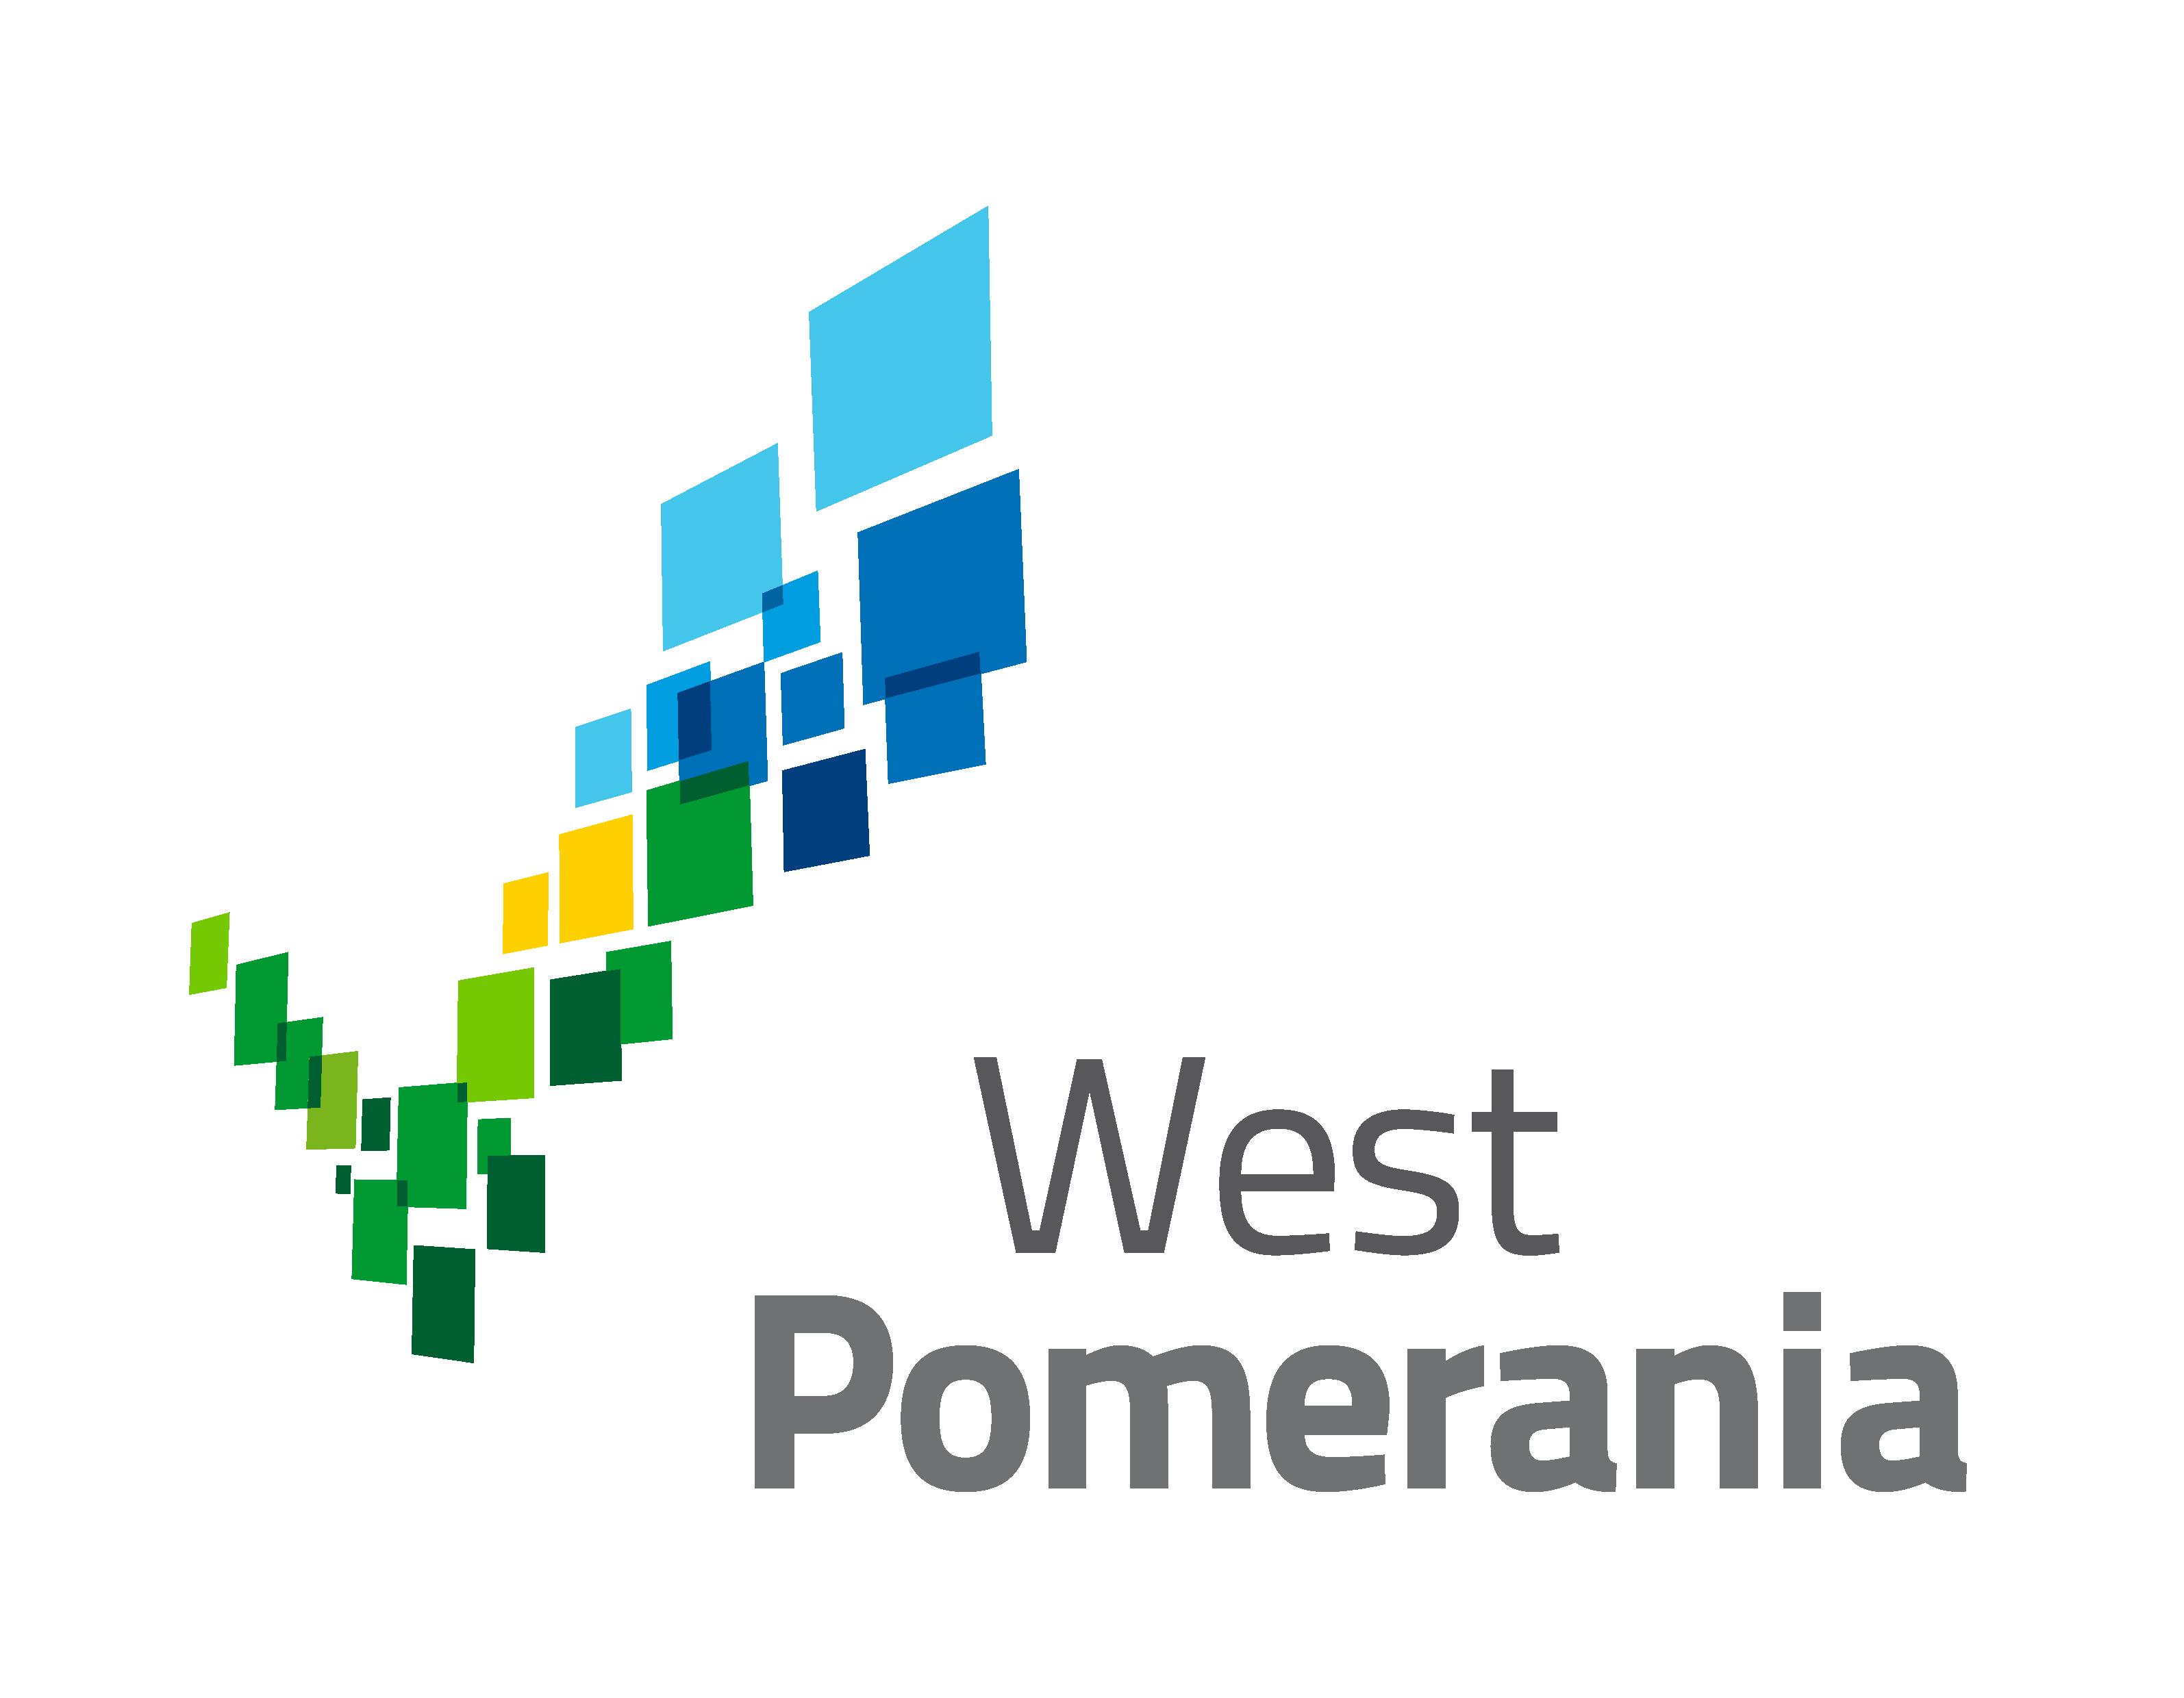 West Pomerania